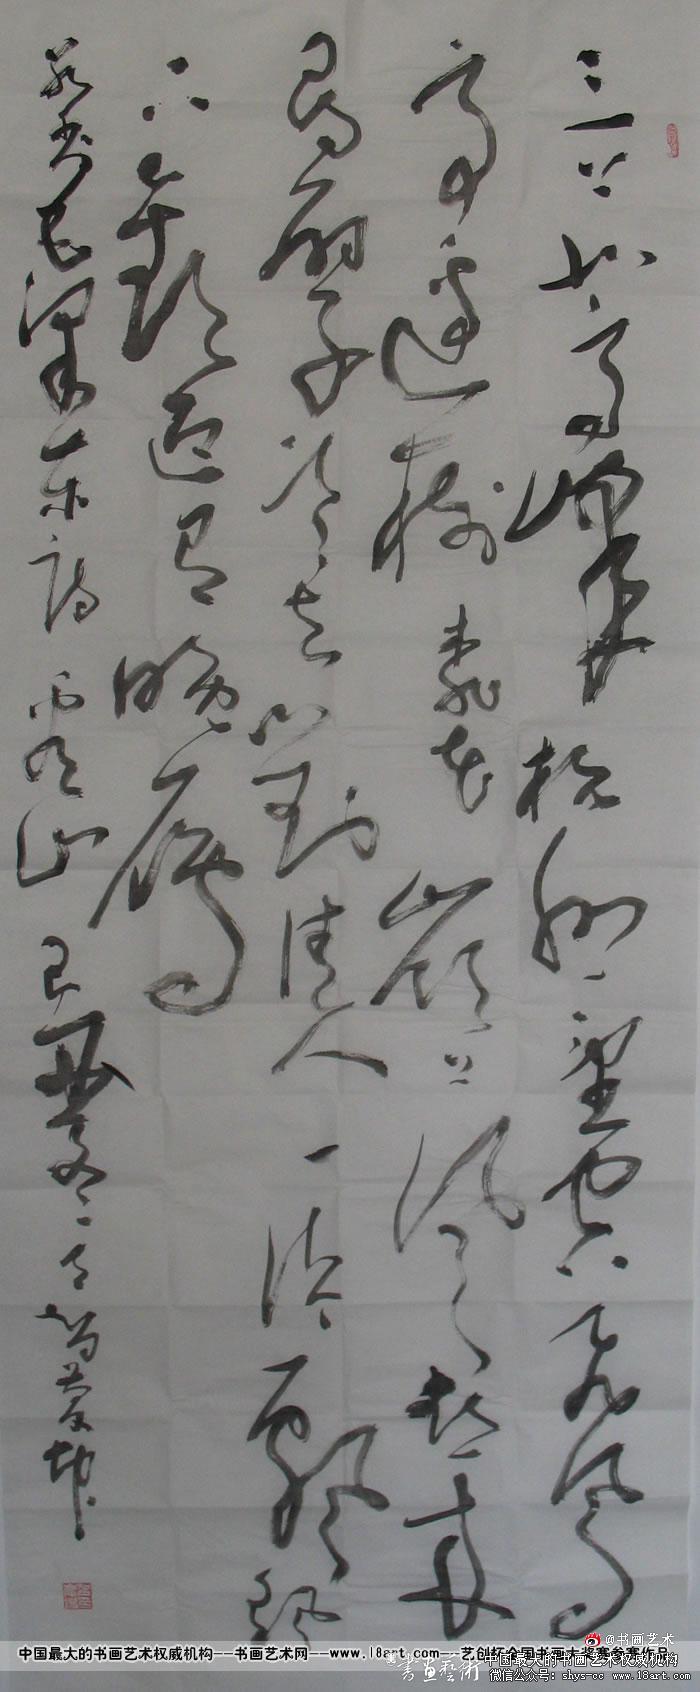 河南伊川--智庆坤--1953--中国书协会员